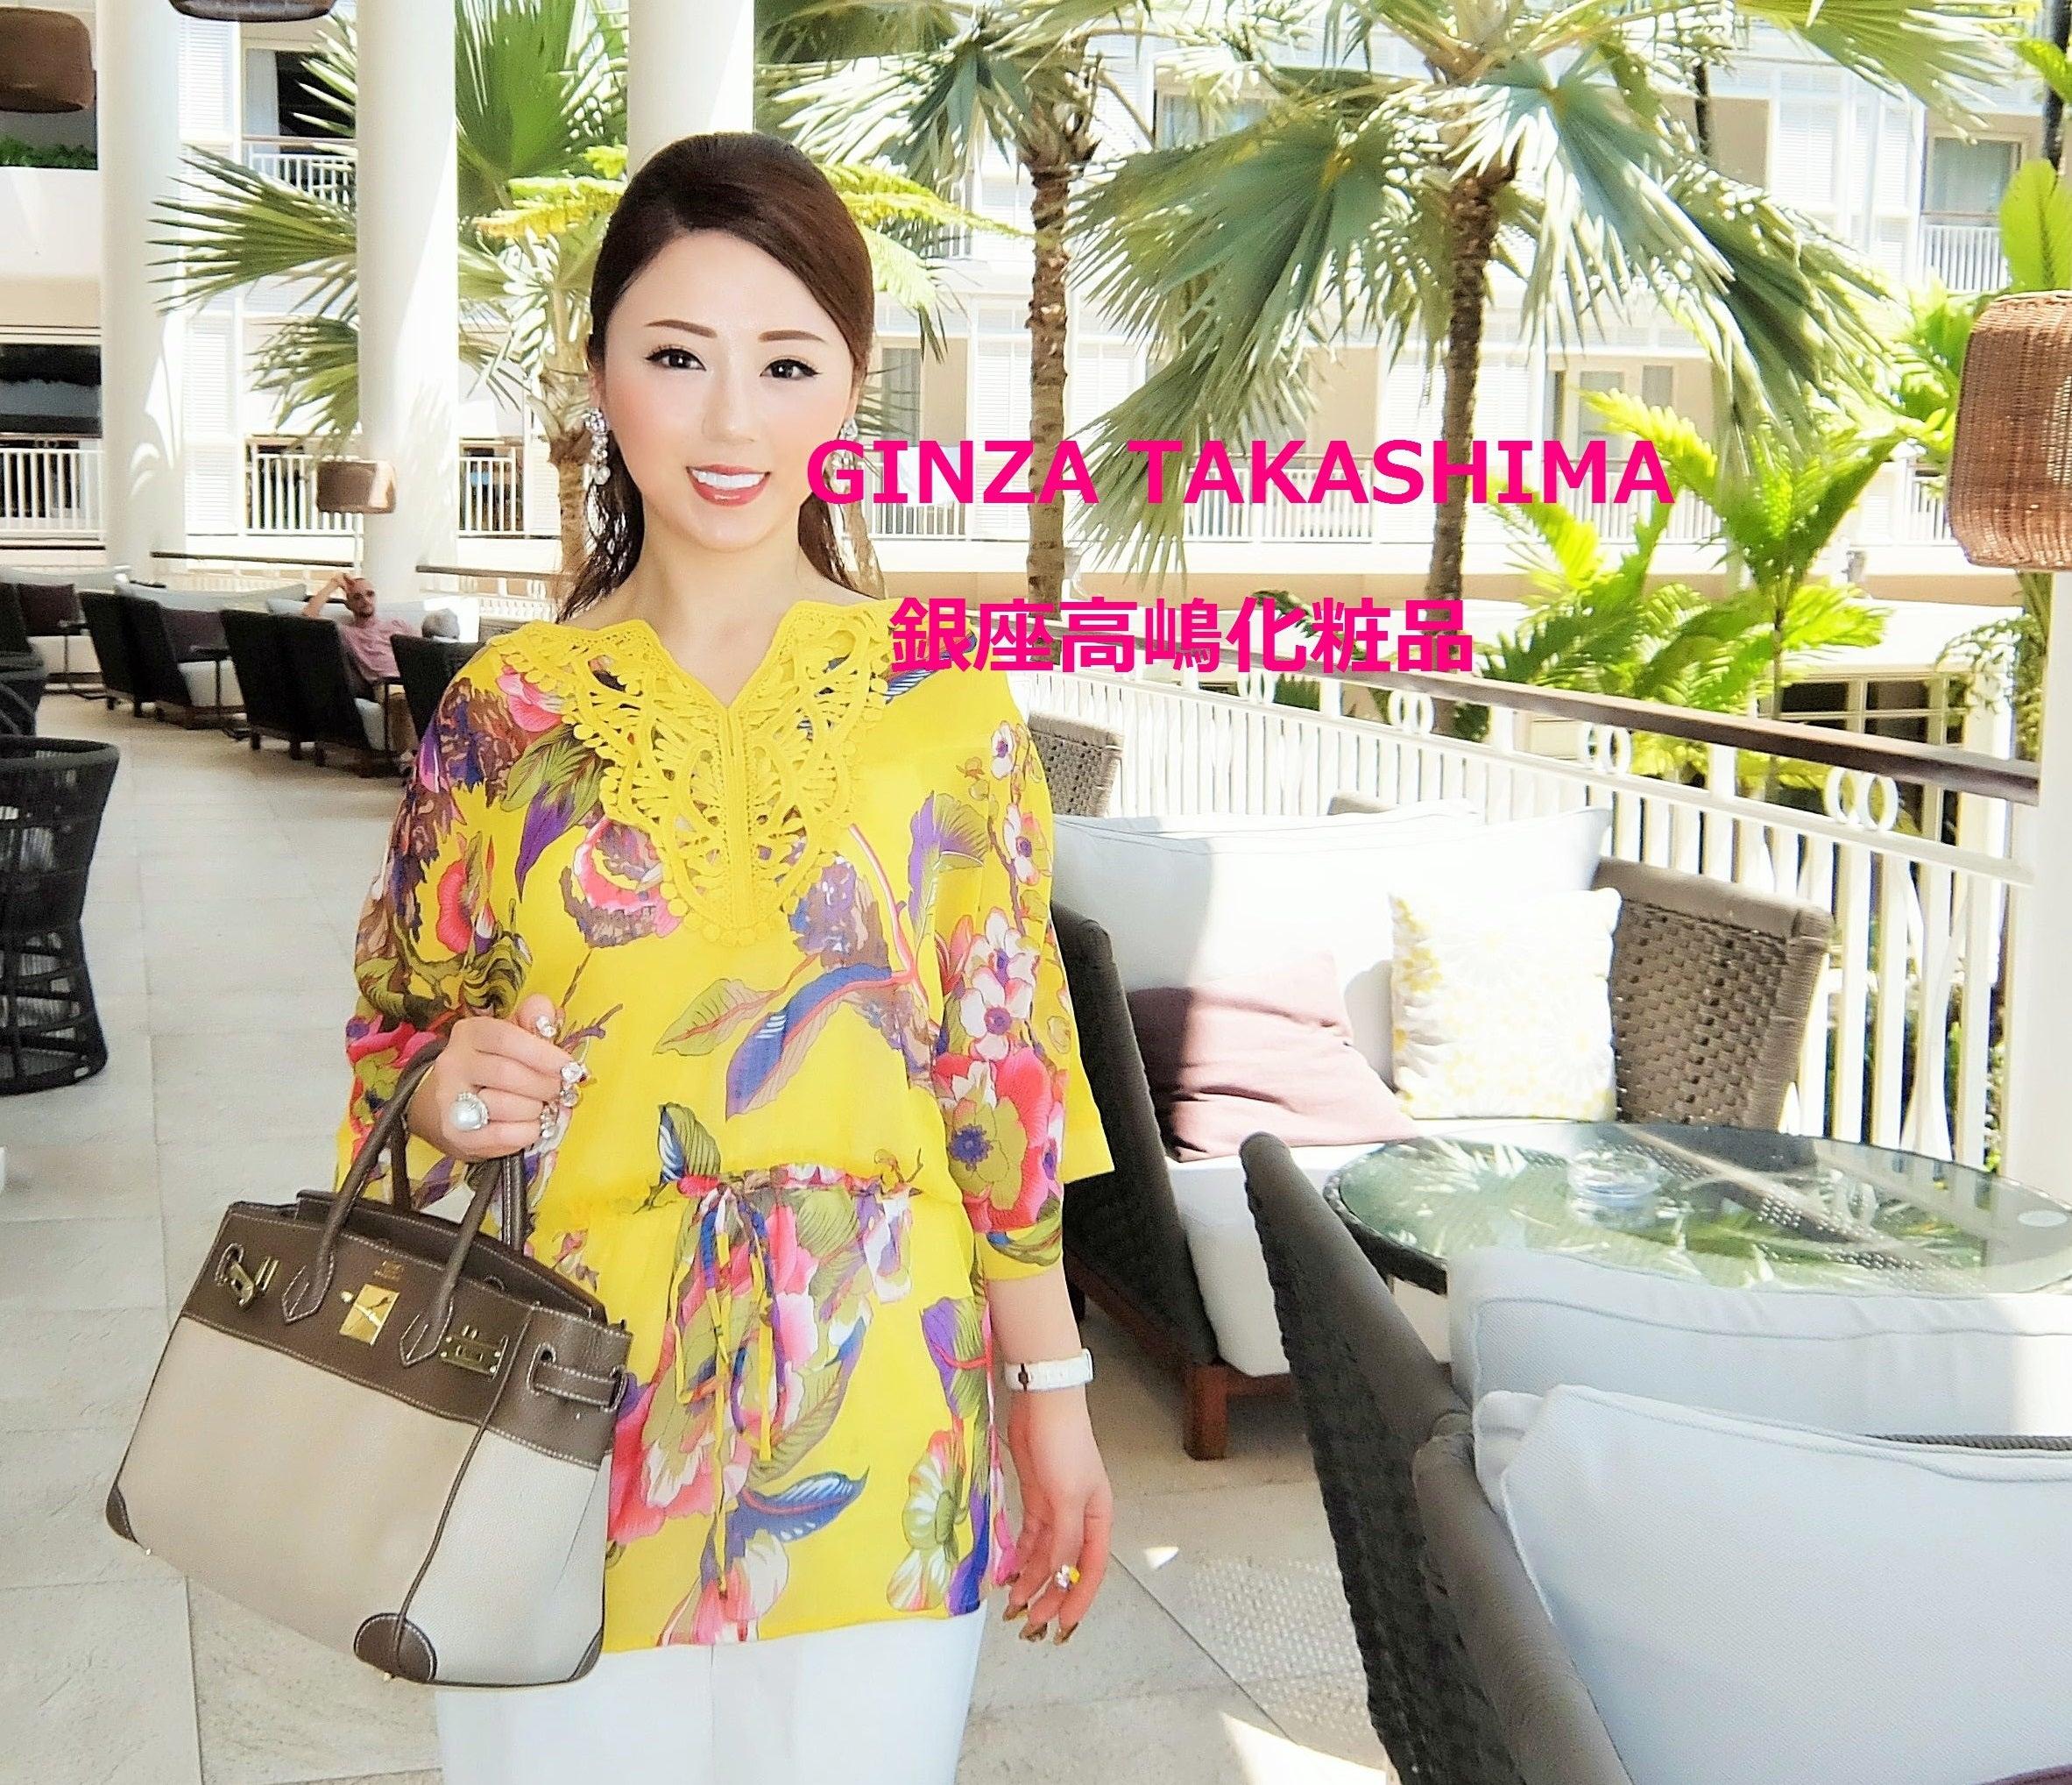 高嶋 りえ子 化粧品 銀座りえ子ママのブログ 銀座高嶋化粧品ブログ